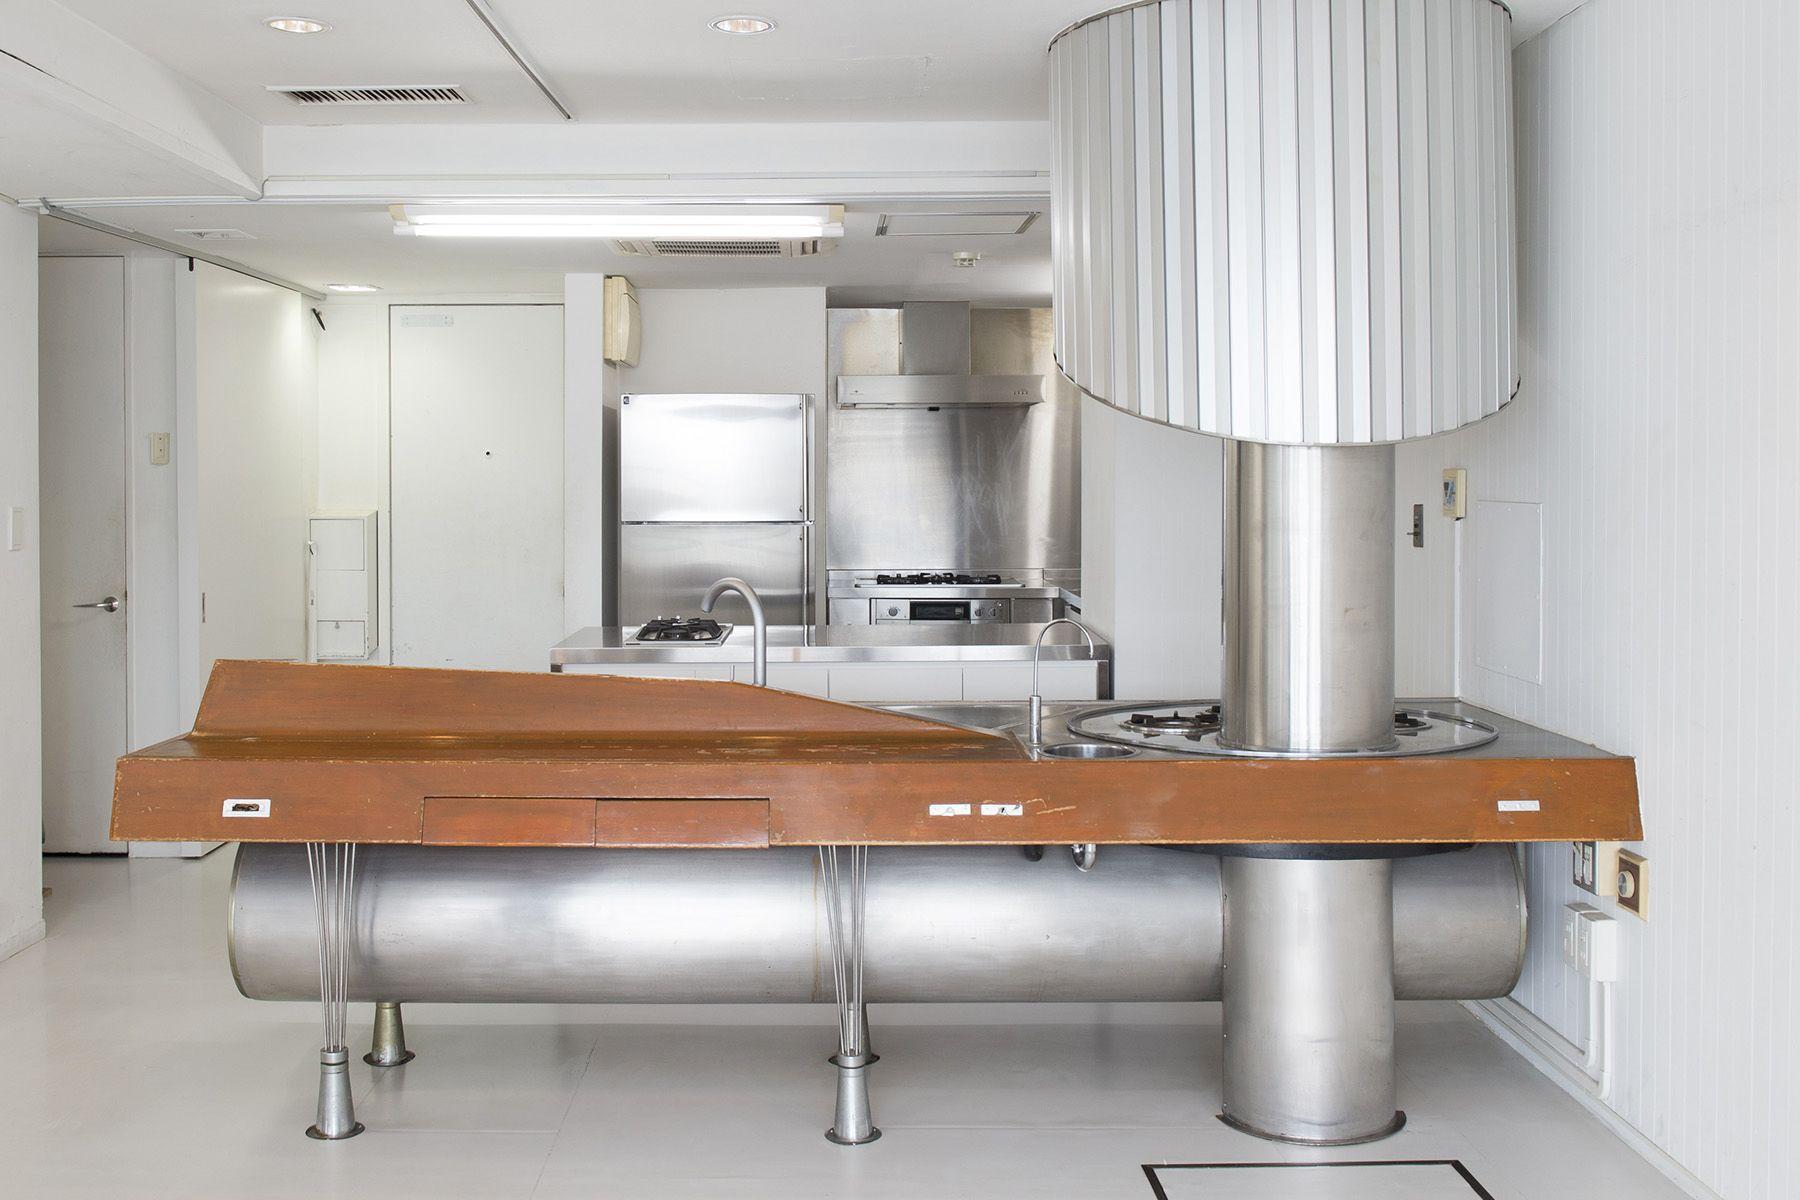 ARISSA STUDIO(アリッサスタジオ)北欧ミッドセンチュリーキッチン